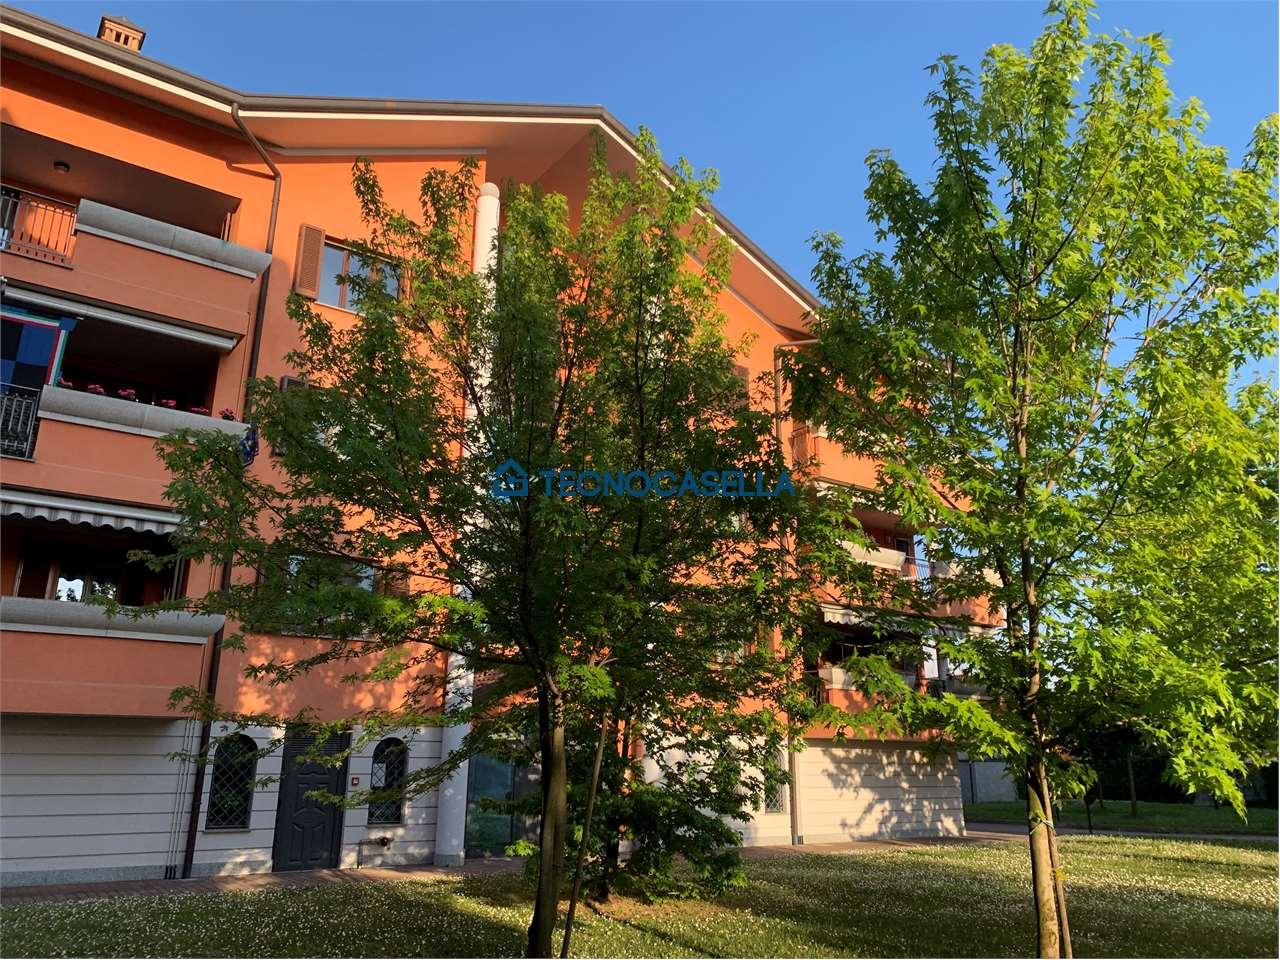 Attico / Mansarda in vendita a Arluno, 2 locali, prezzo € 185.000 | PortaleAgenzieImmobiliari.it